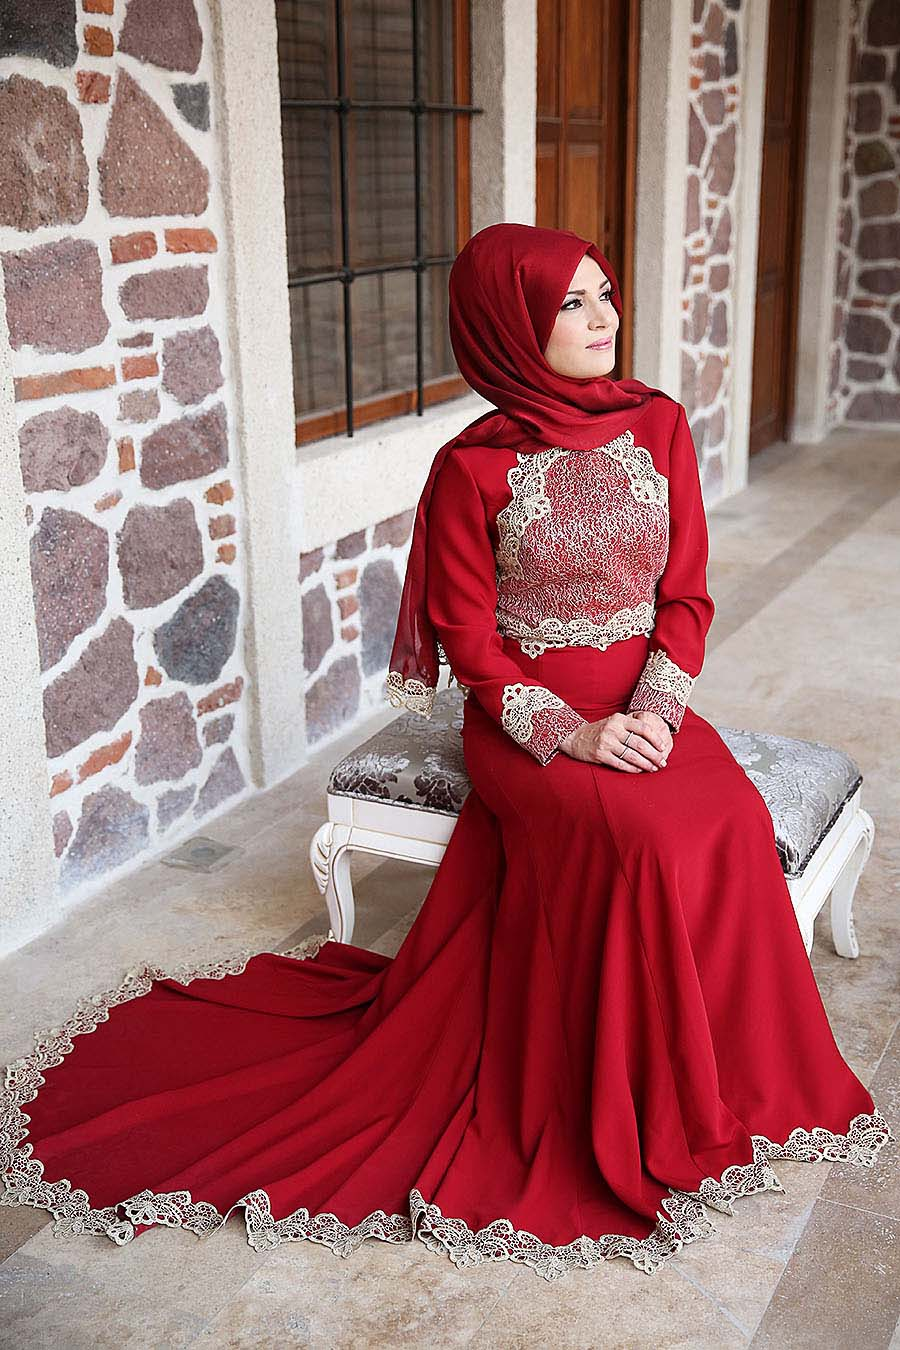 صور فساتين سهرة حمراء , شاهد شياكة الفستان الاحمر